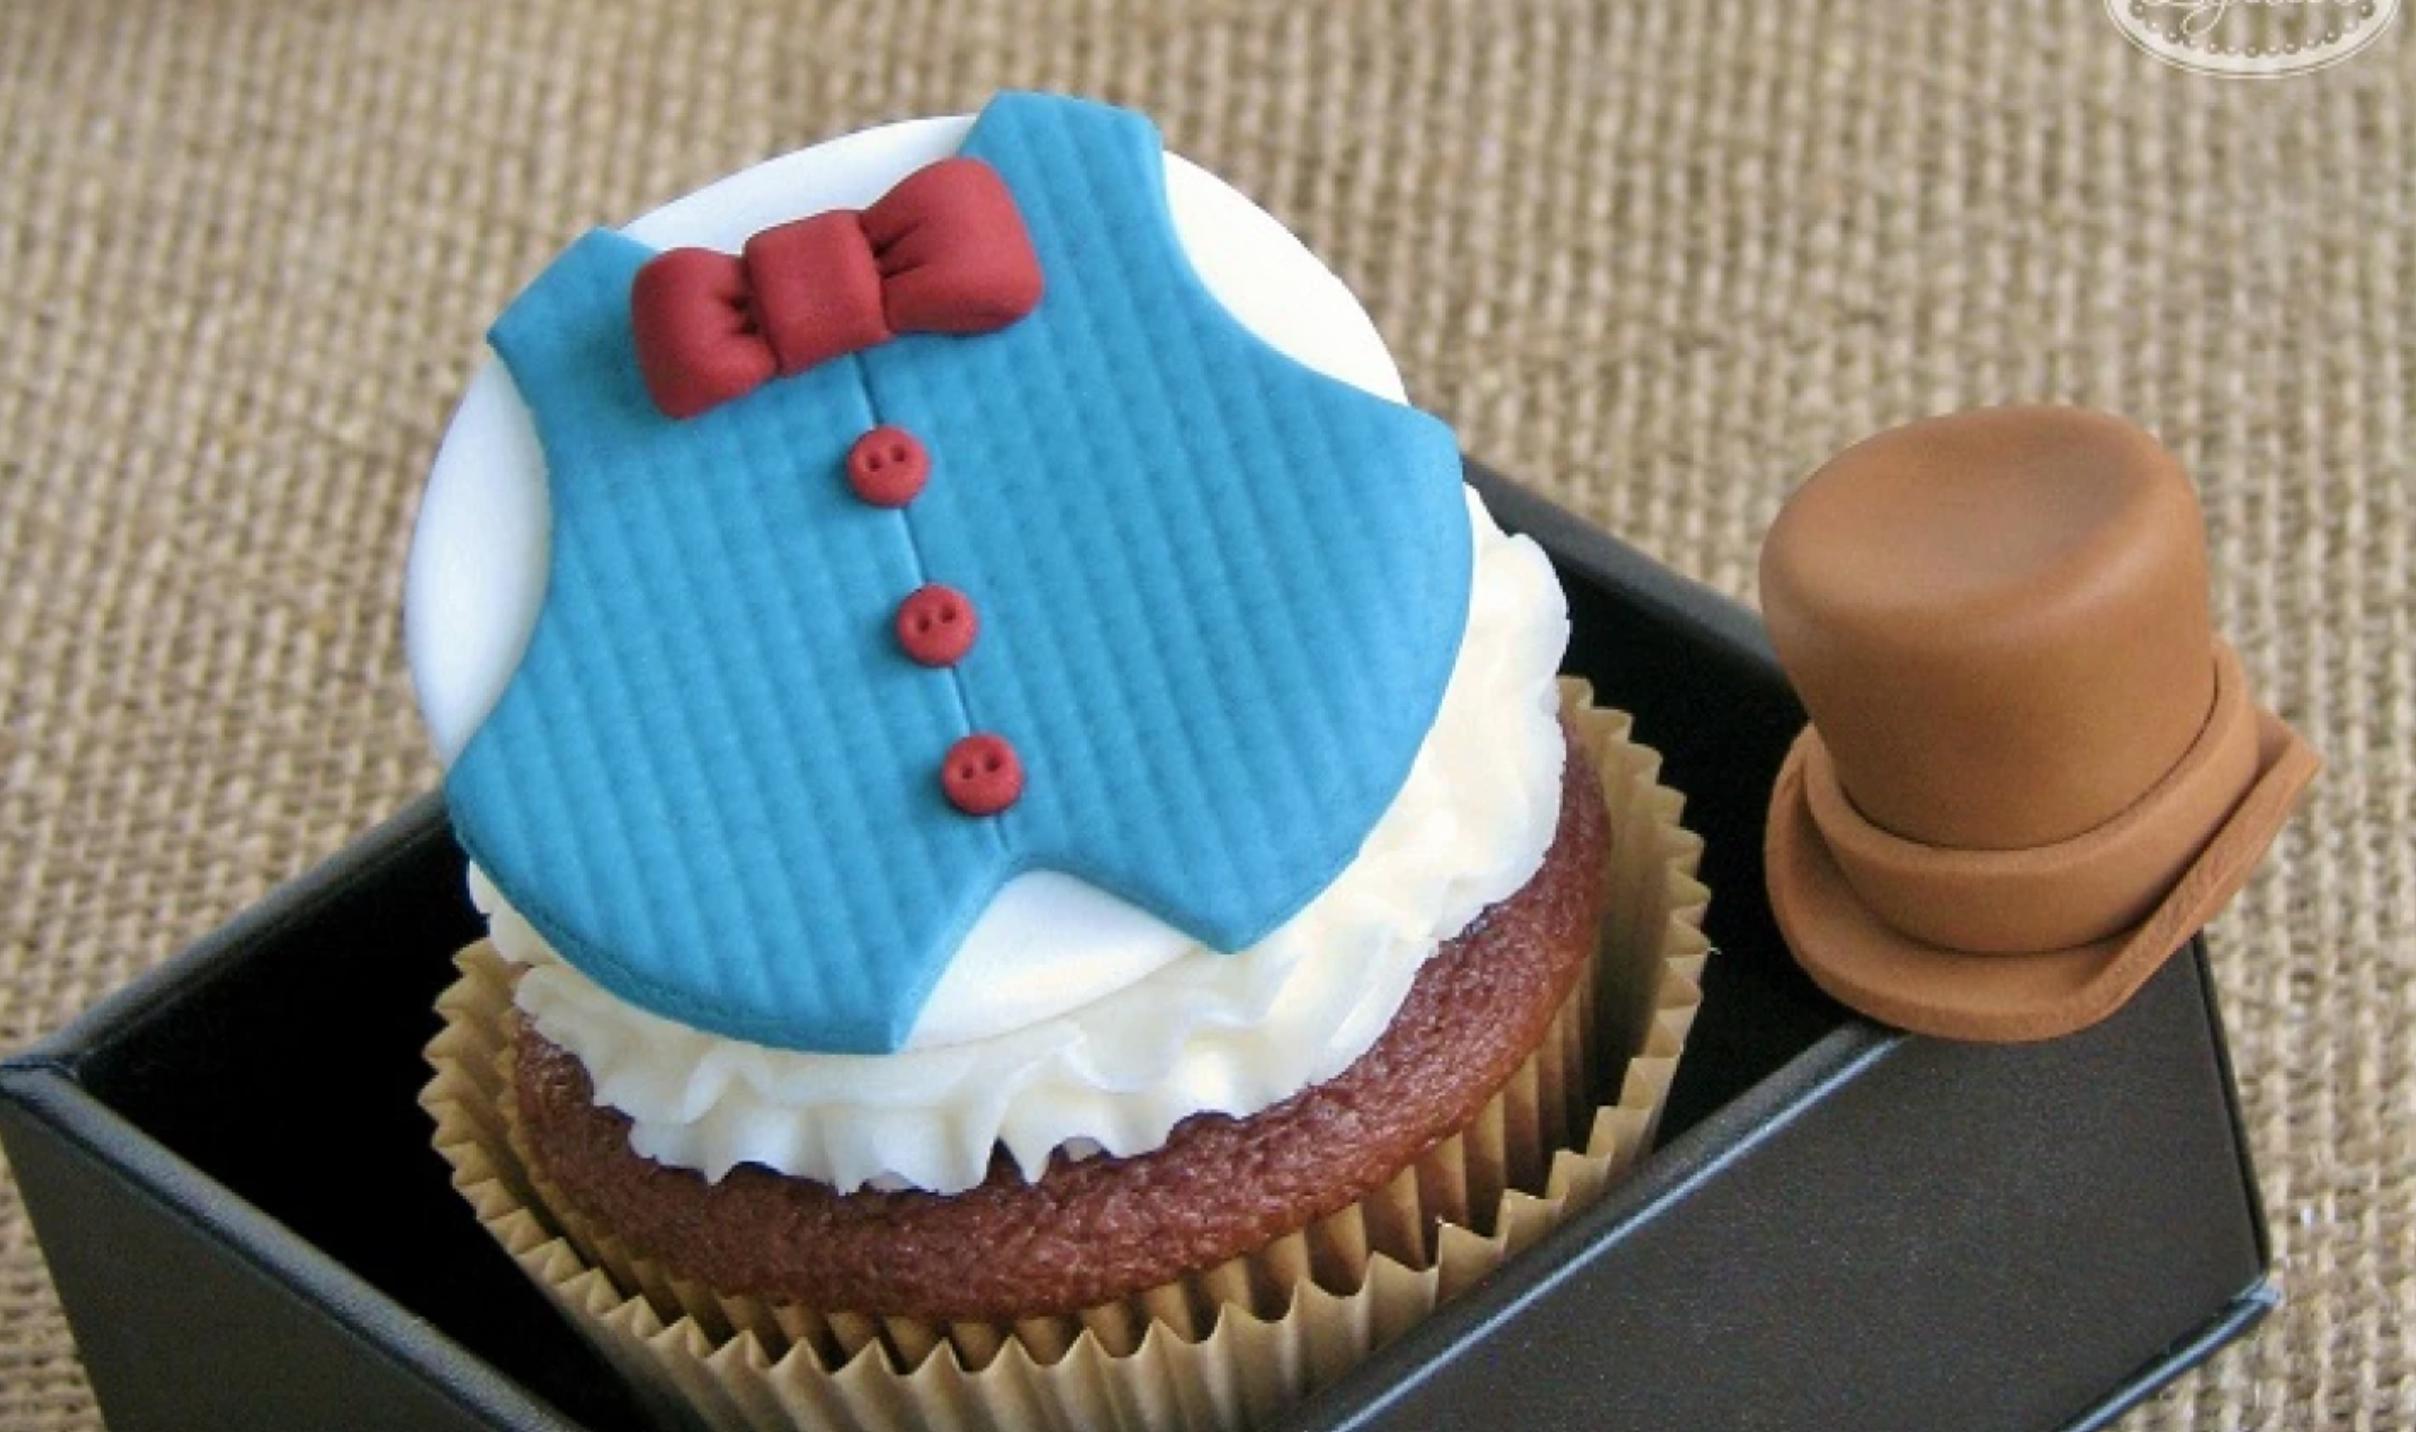 dapper cupcake topper